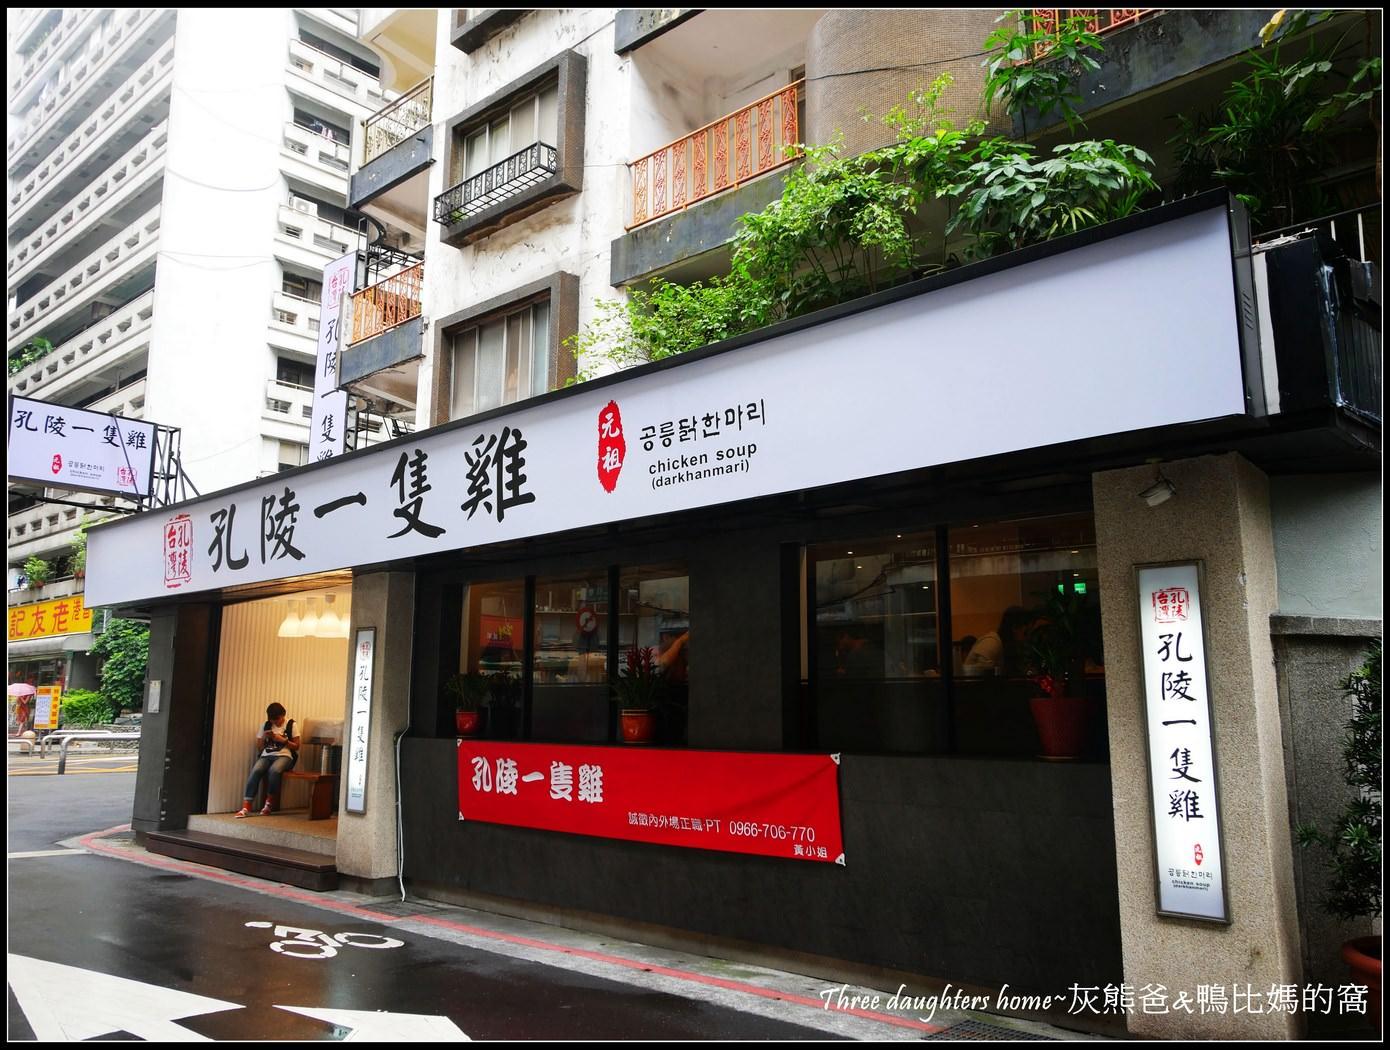 台北-大安區【孔陵一隻雞】喜歡清爽雞湯口味的朋友可嚐鮮~